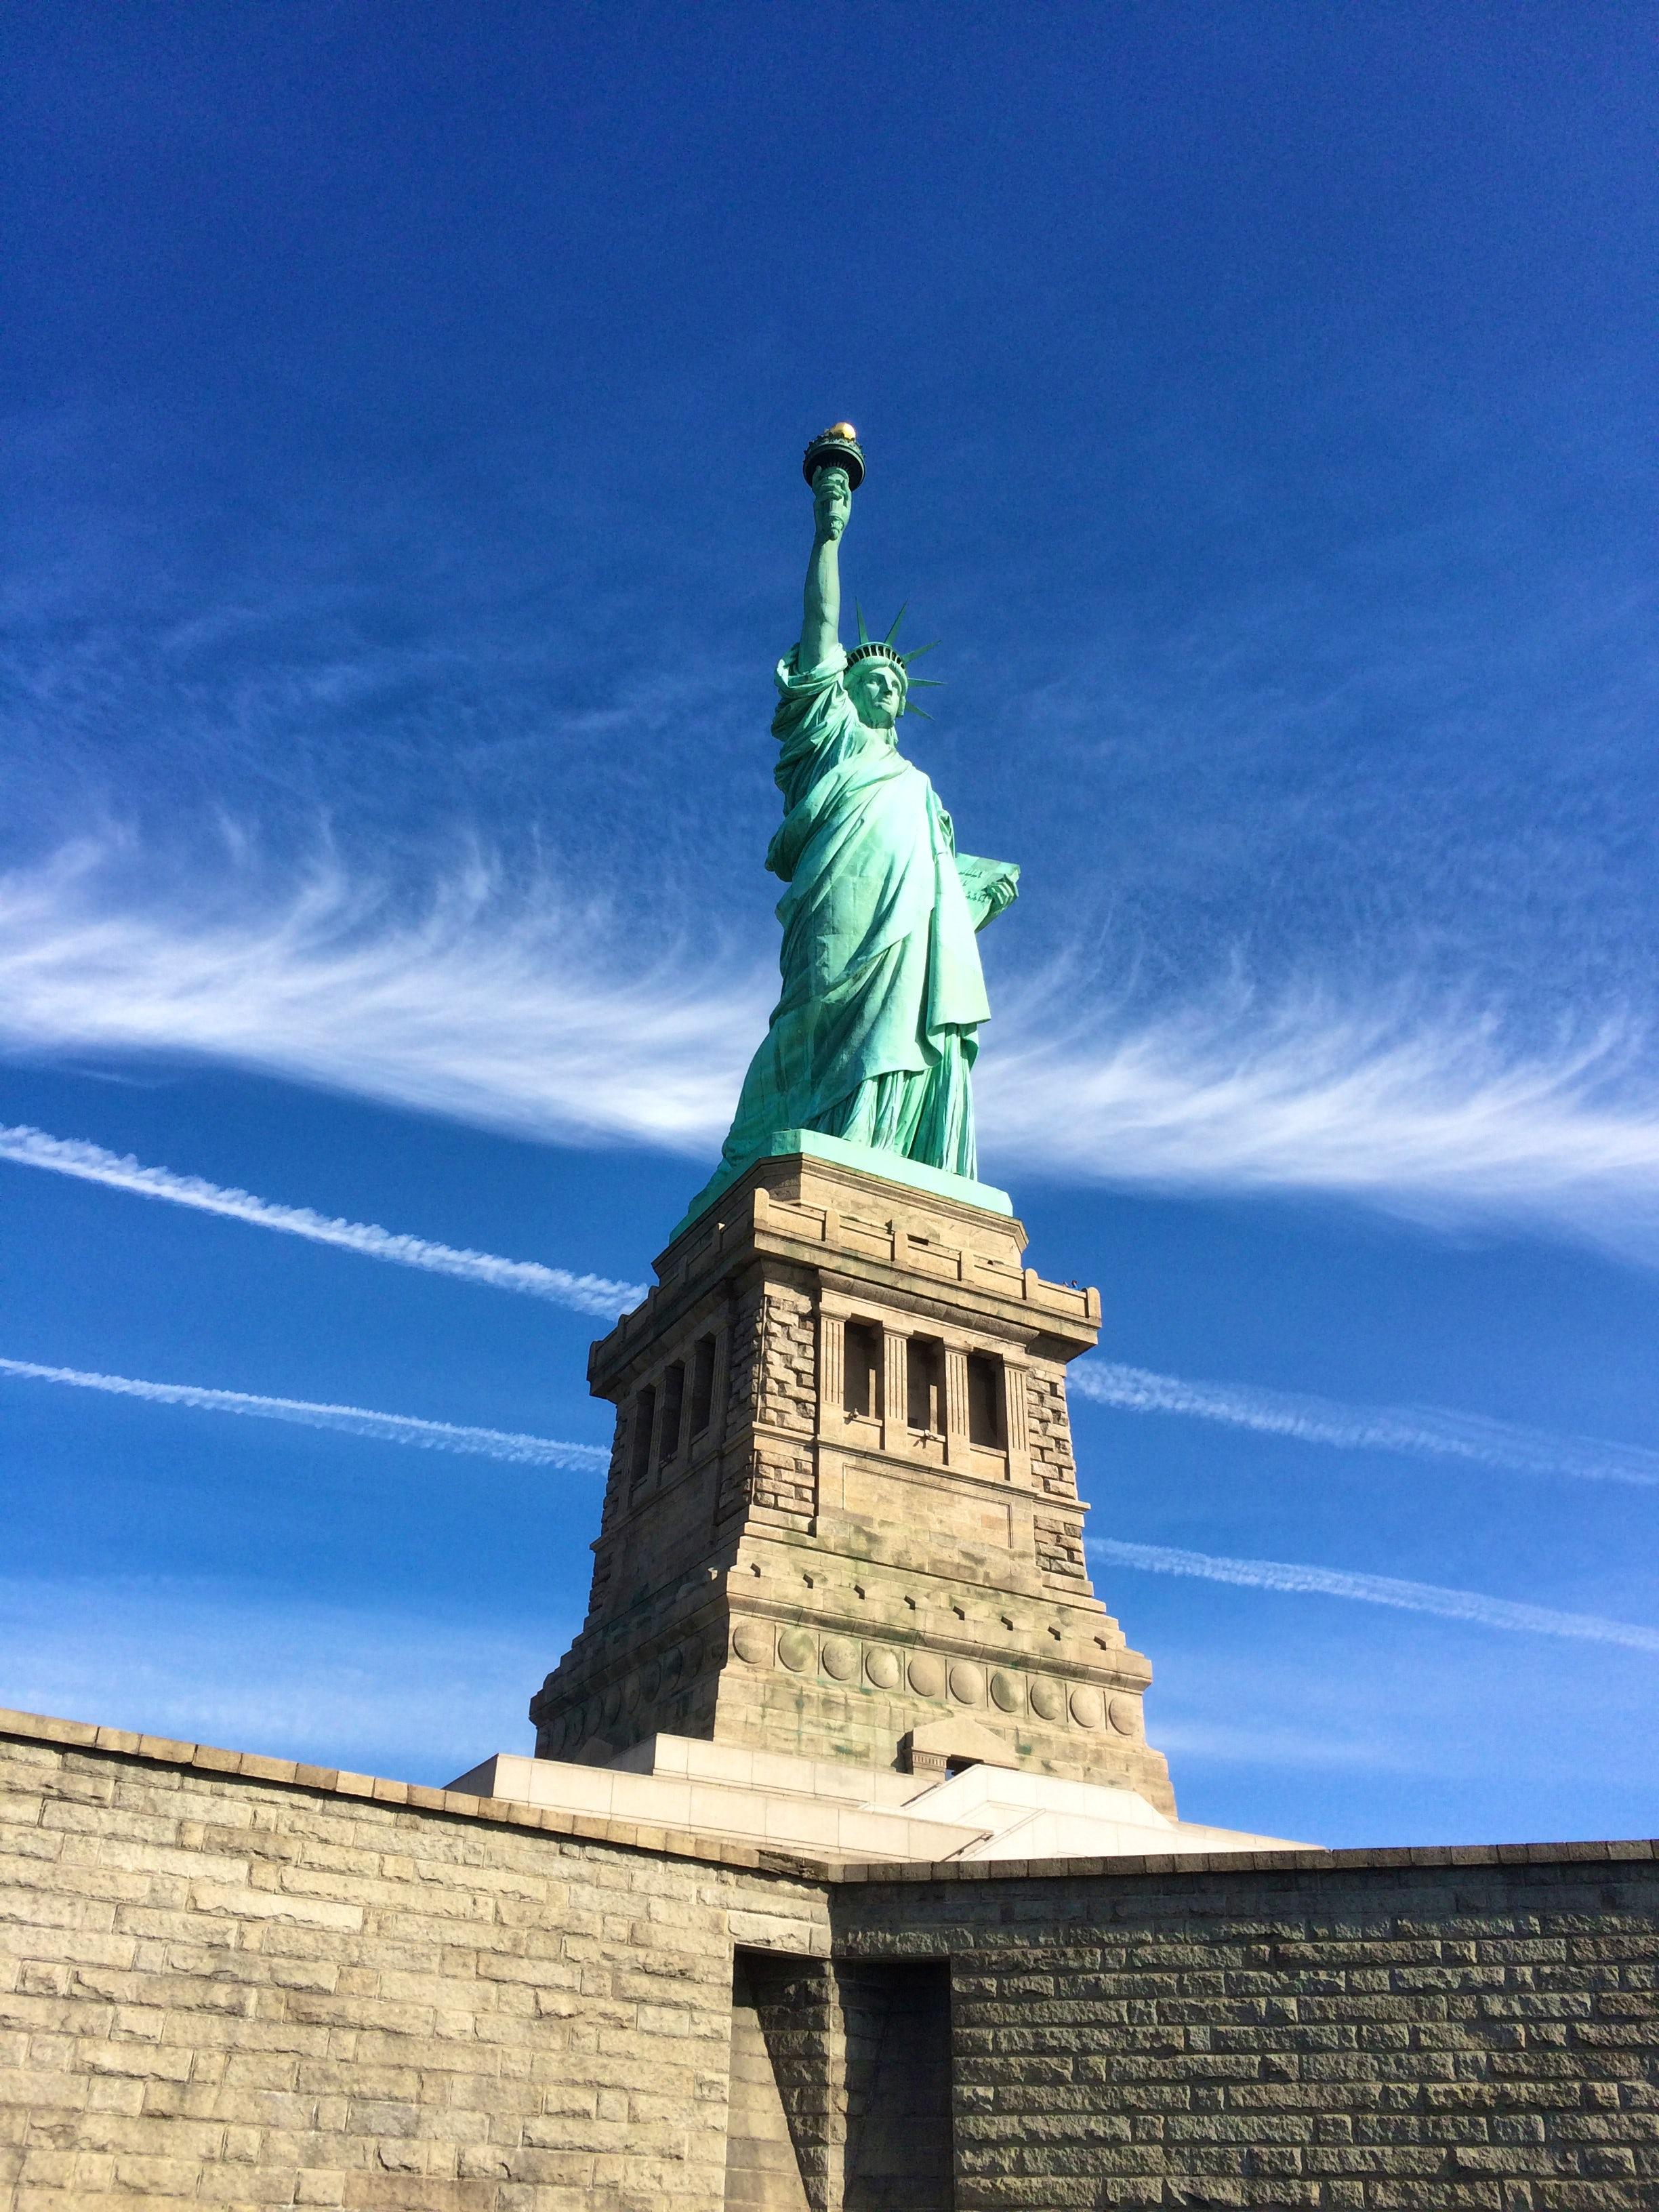 New York: Metropolitan Opera Tour